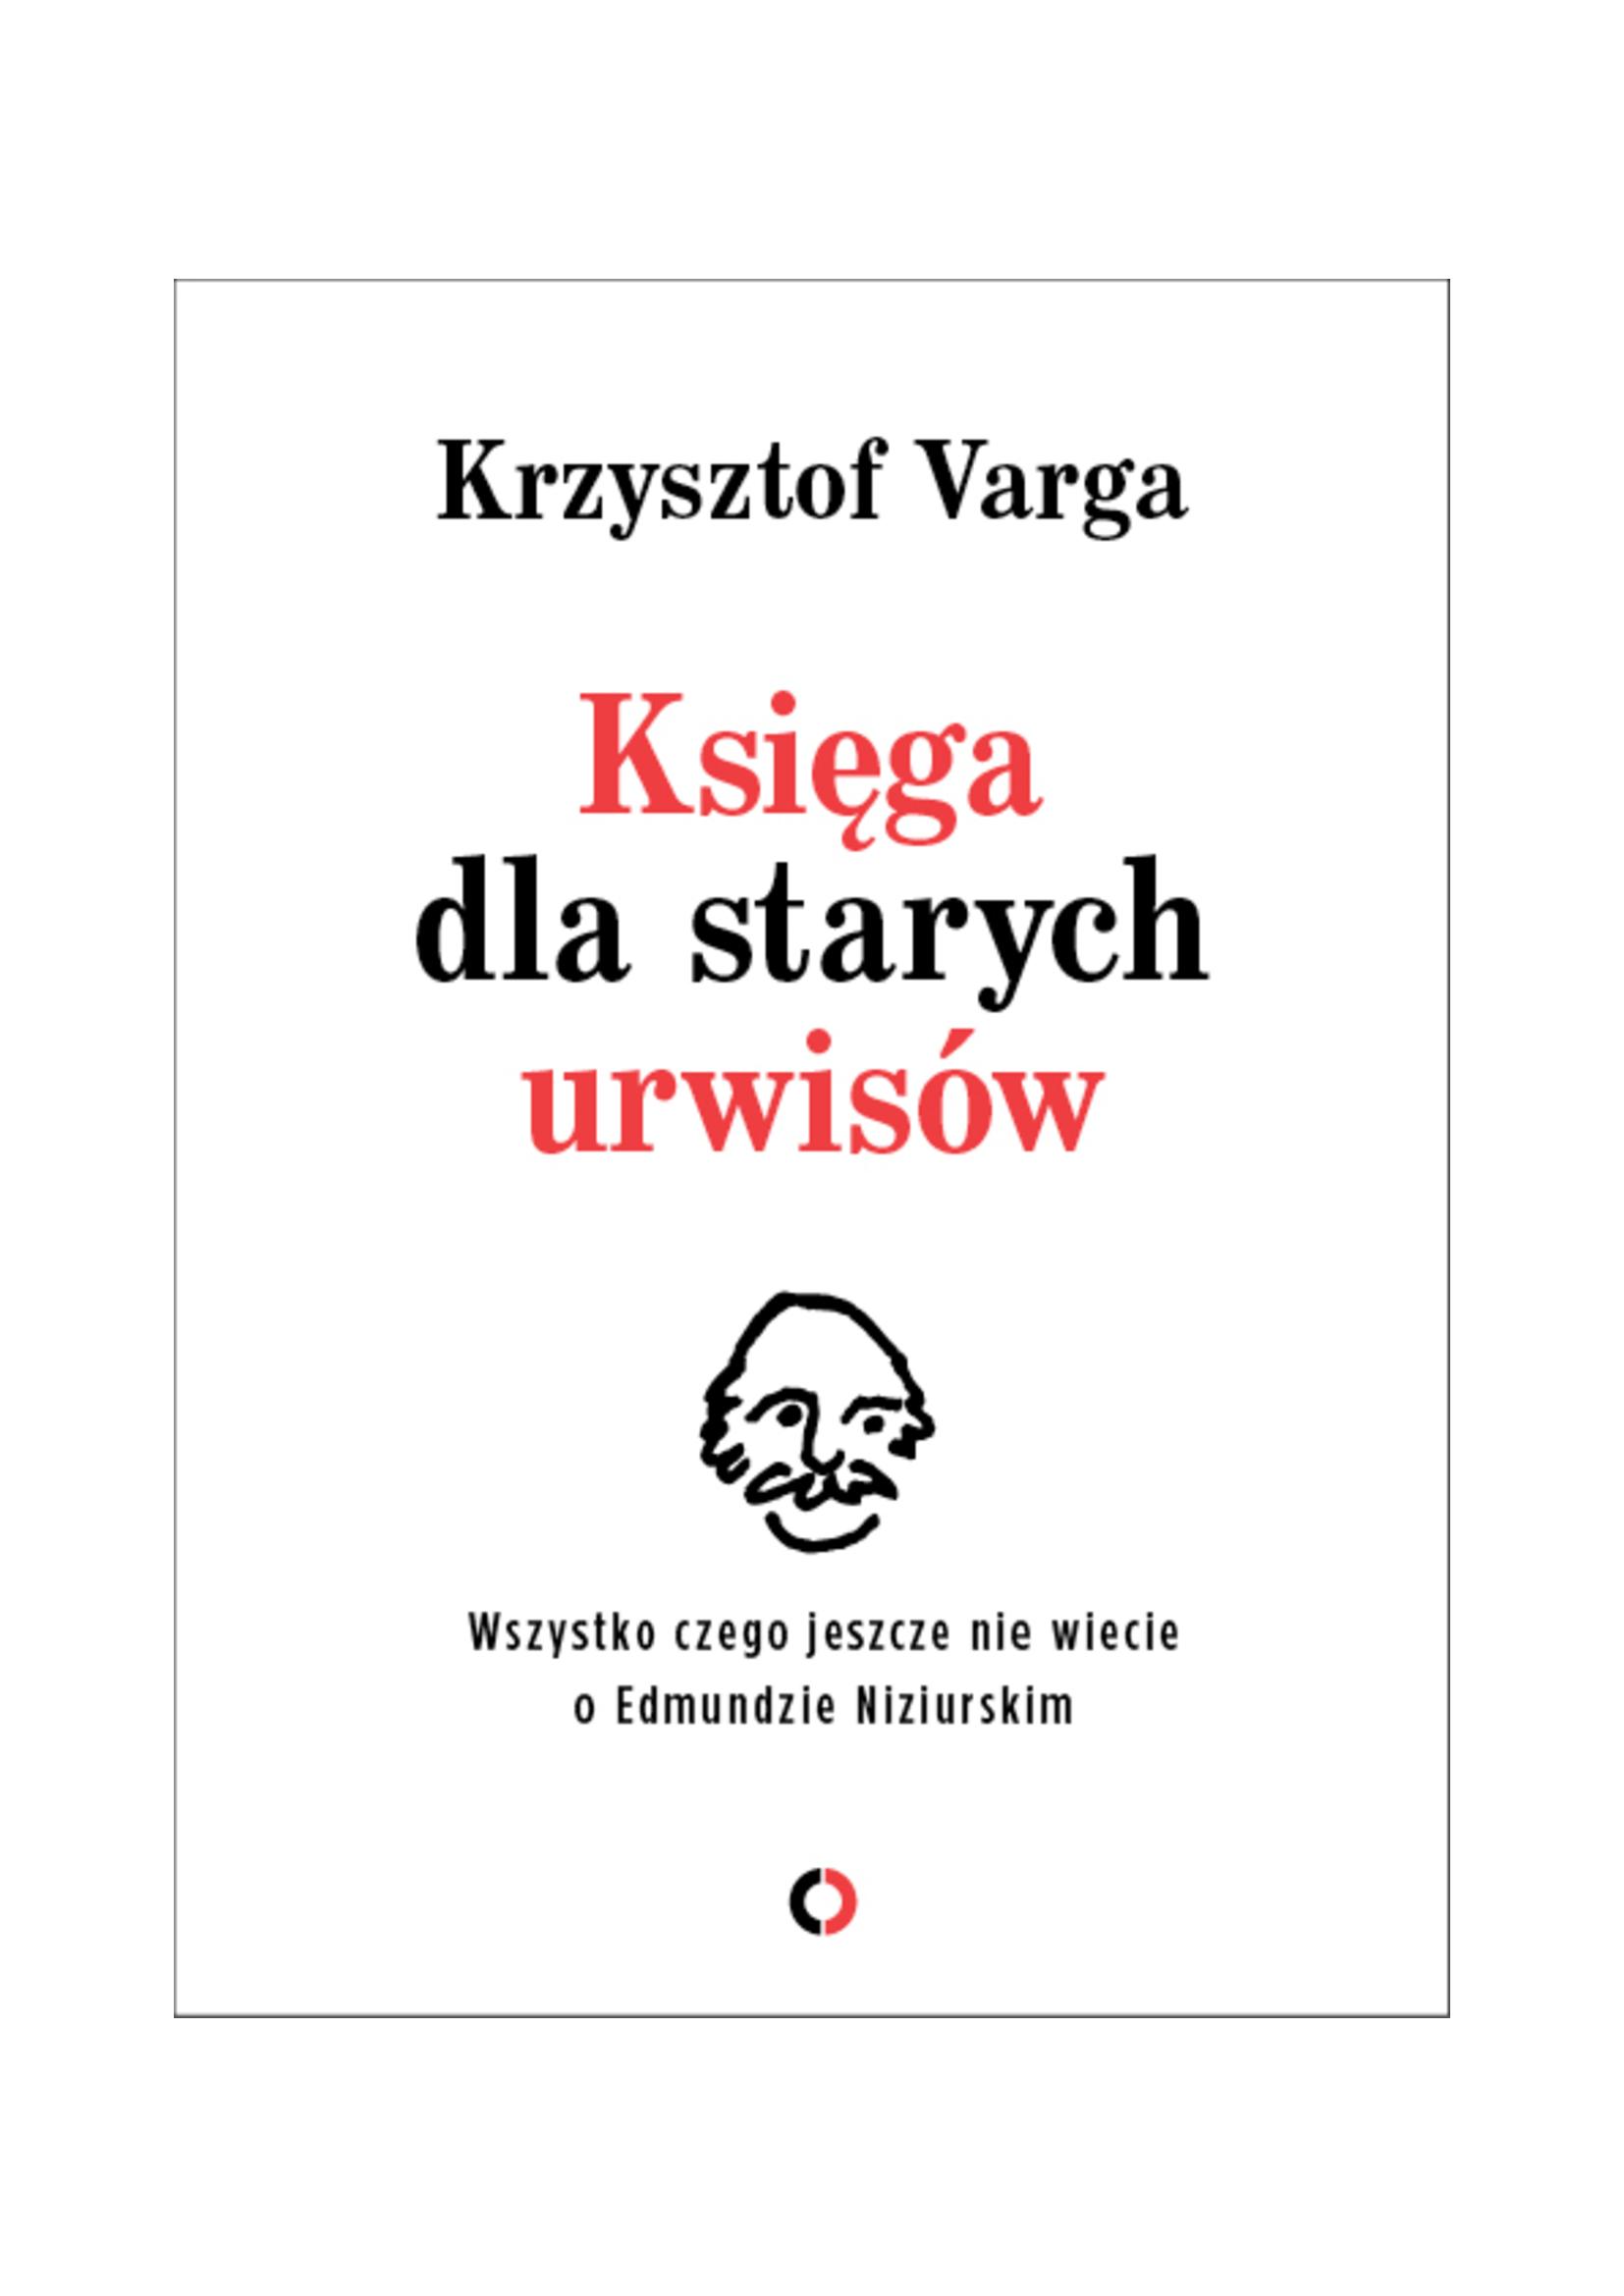 """Krzysztof Varga """"Księga dla starych urwisów. Wszystko, czego jeszcze nie wiecie o Edmundzie Niziurskim."""", Wydawnictwo Czerwone i Czarne"""